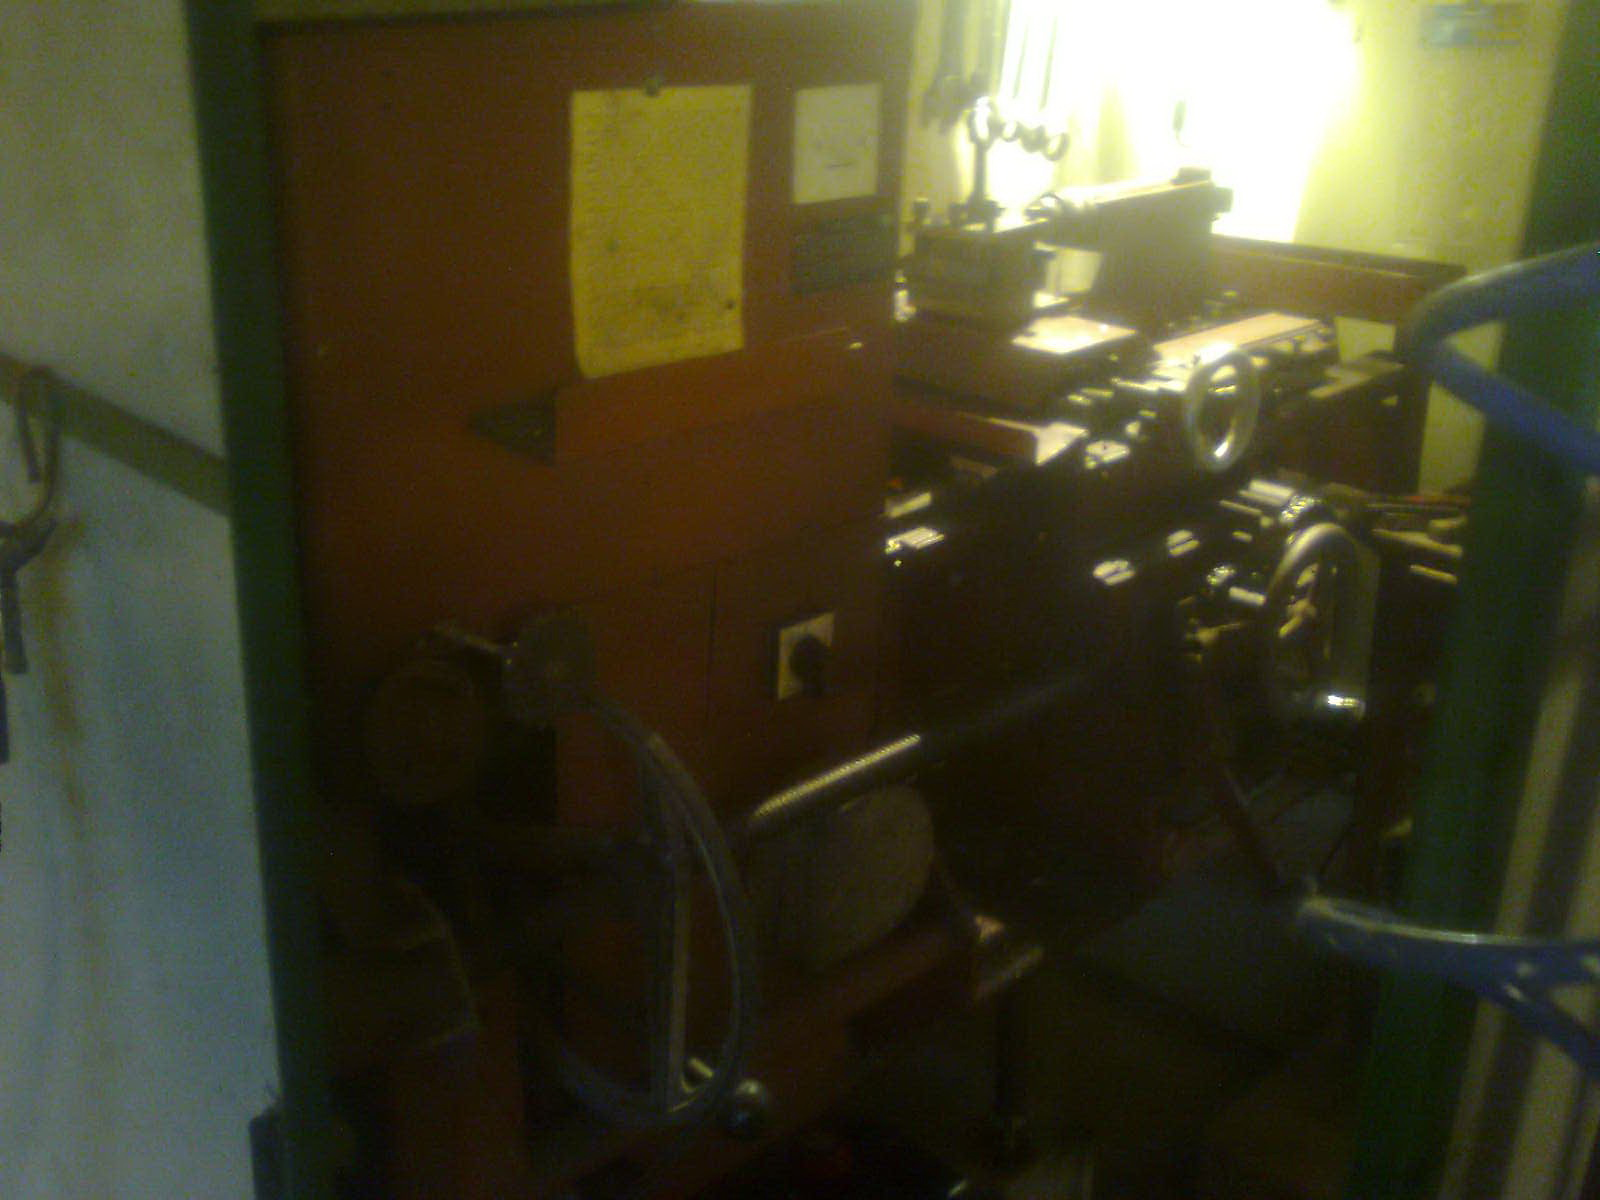 Šupe za mehanizaciju,kučne radionice i alati - Page 2 Slika0642